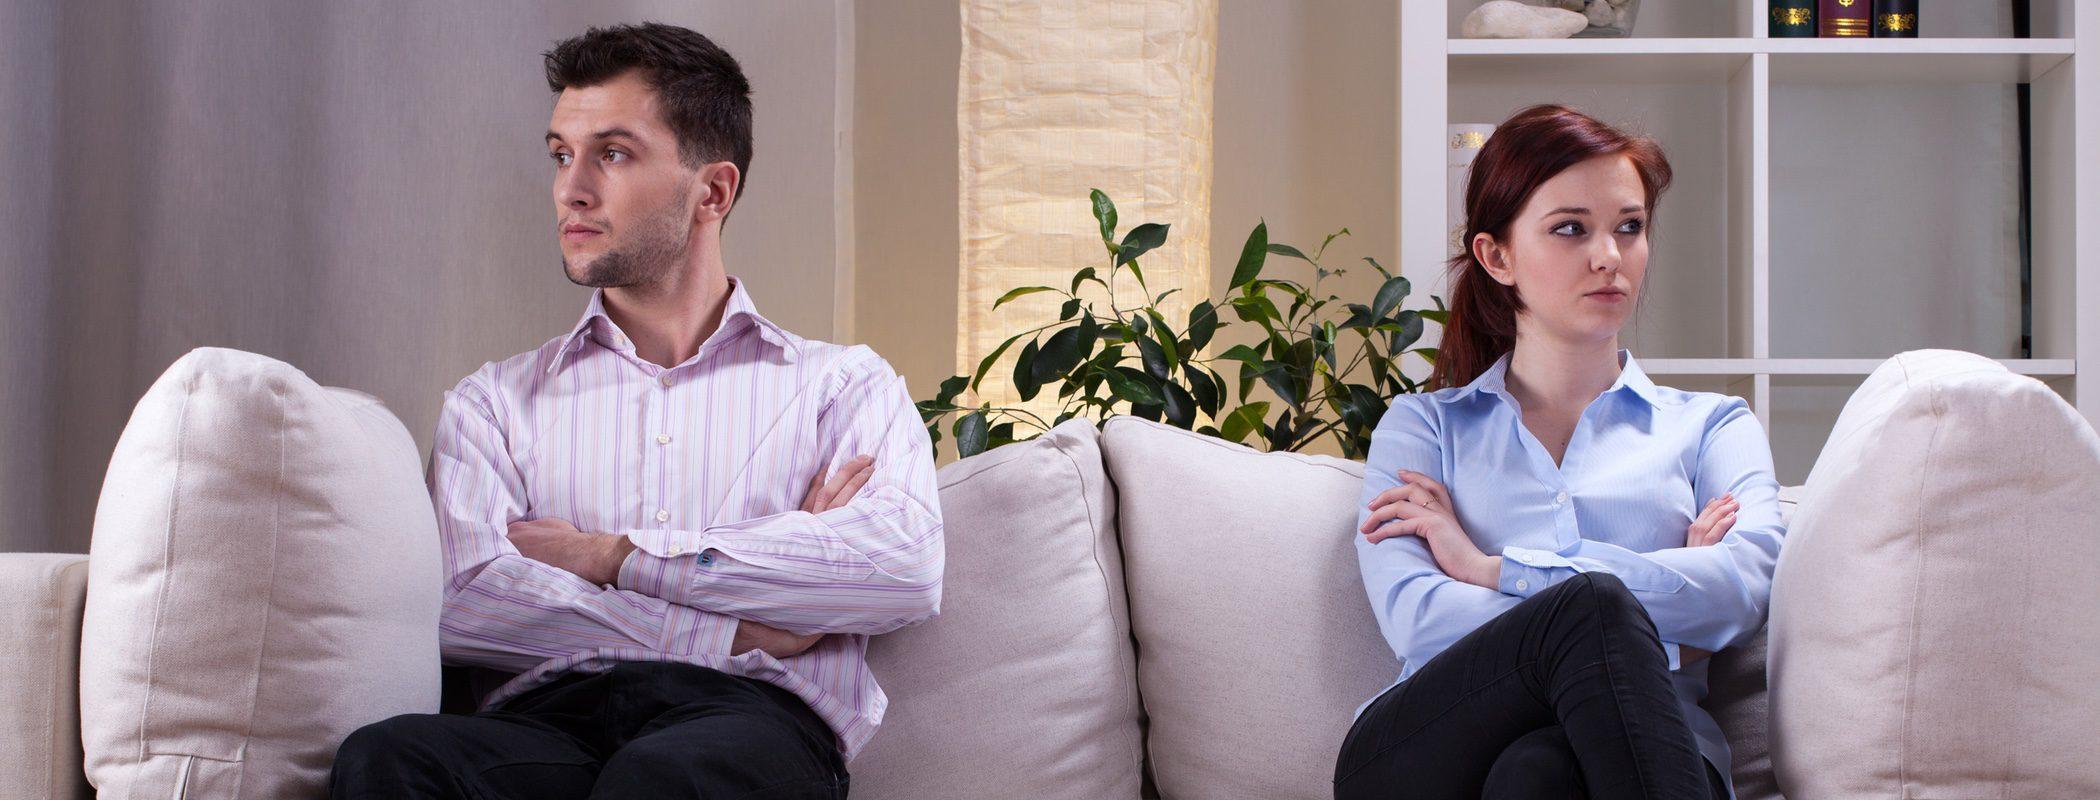 Peleas de pareja: cuando la vida conyugal se convierte en un infierno